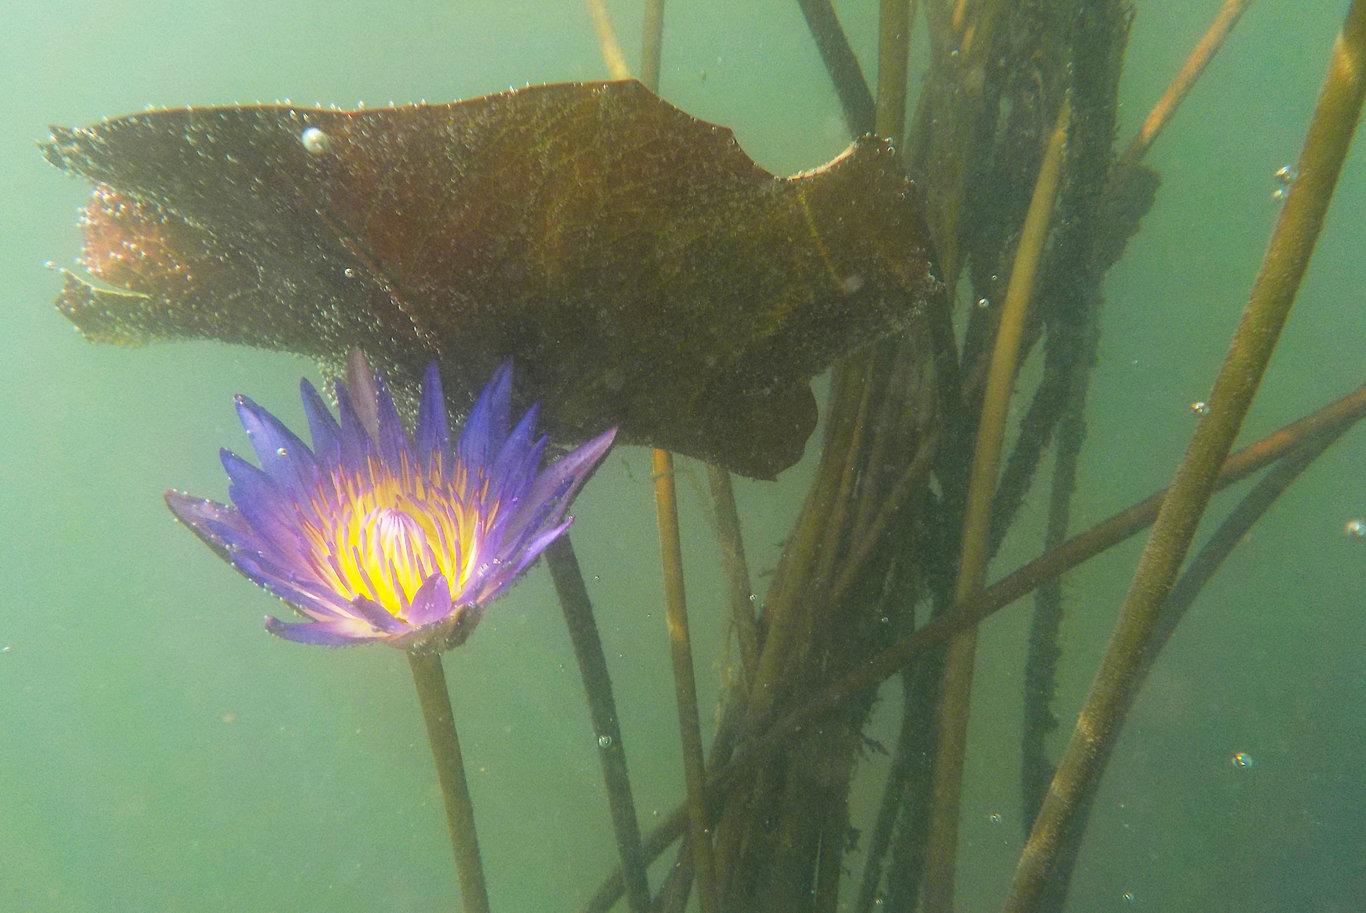 Tavirózsa a víz alatt